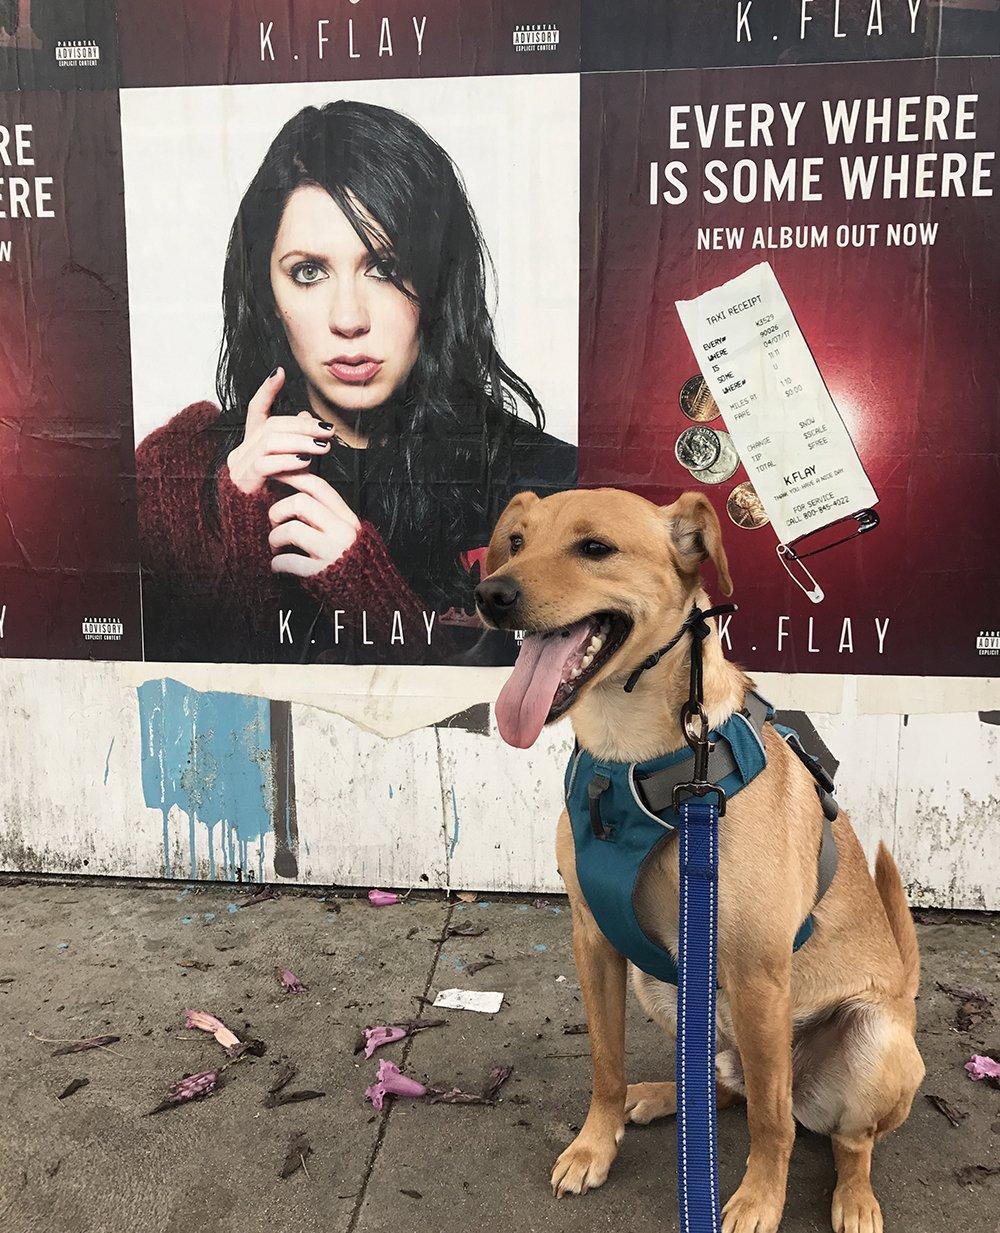 Miniature Pinscher mix dog sitting on sidewalk